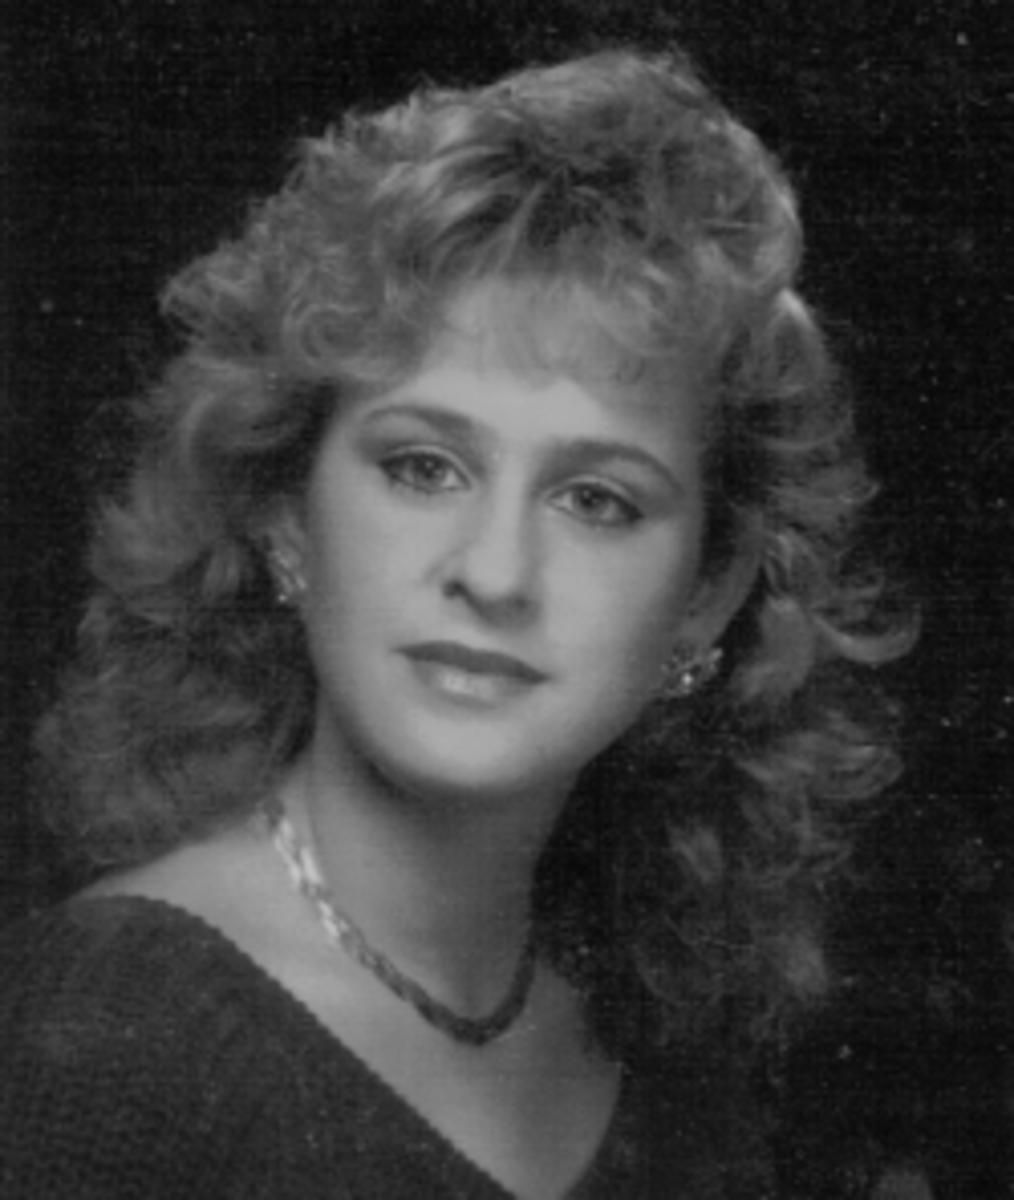 My own '80s hair